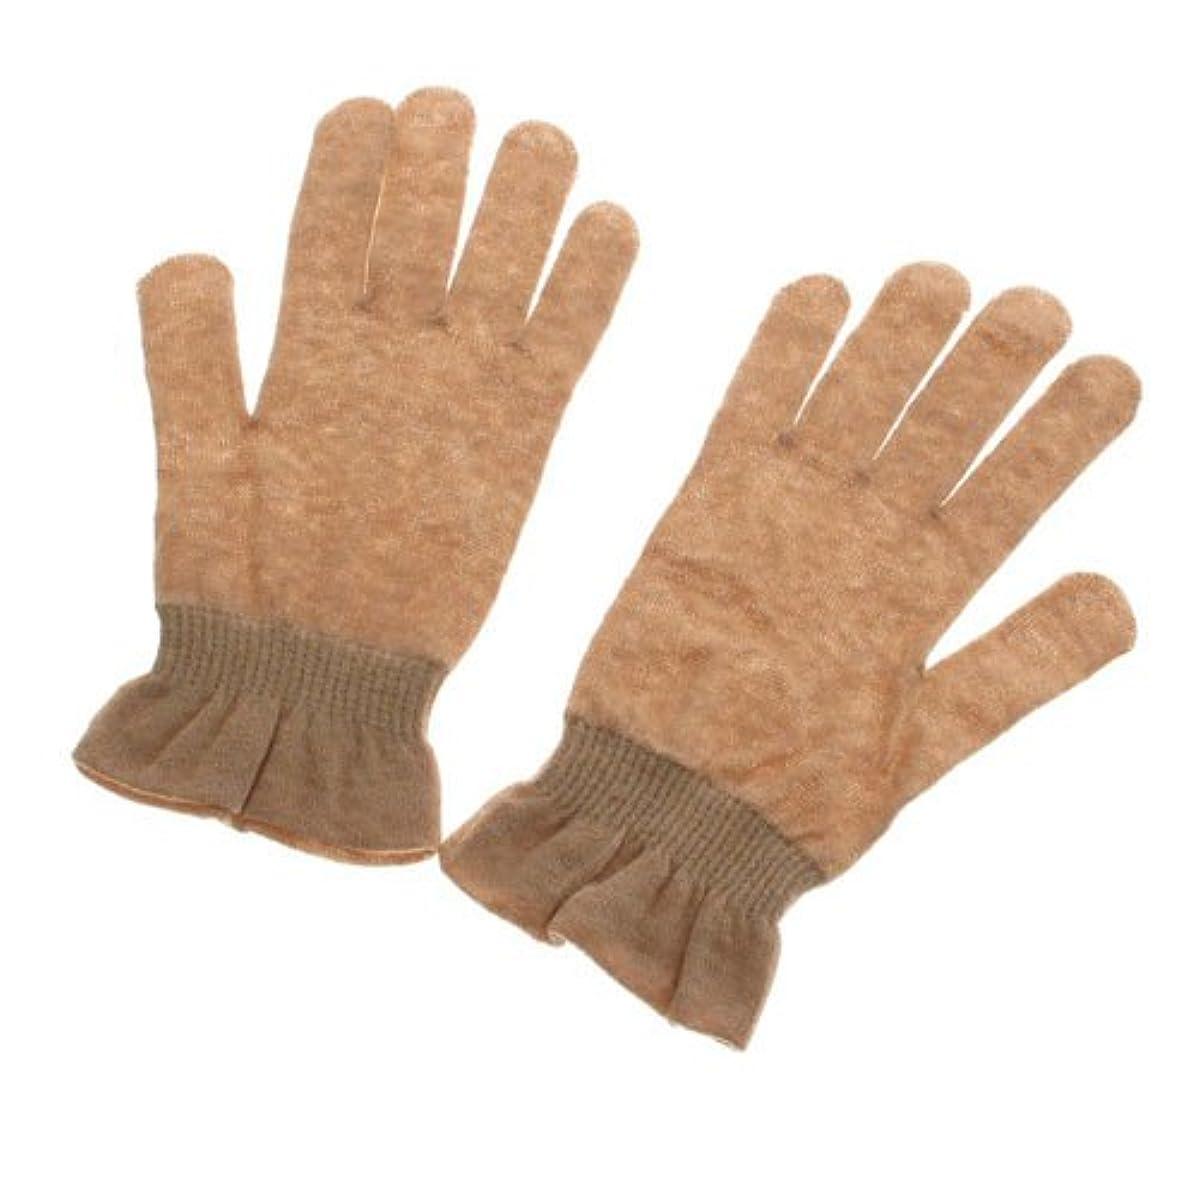 オーガニックコットン天衣無縫 UVカット手袋?エステ ブラウン フリー